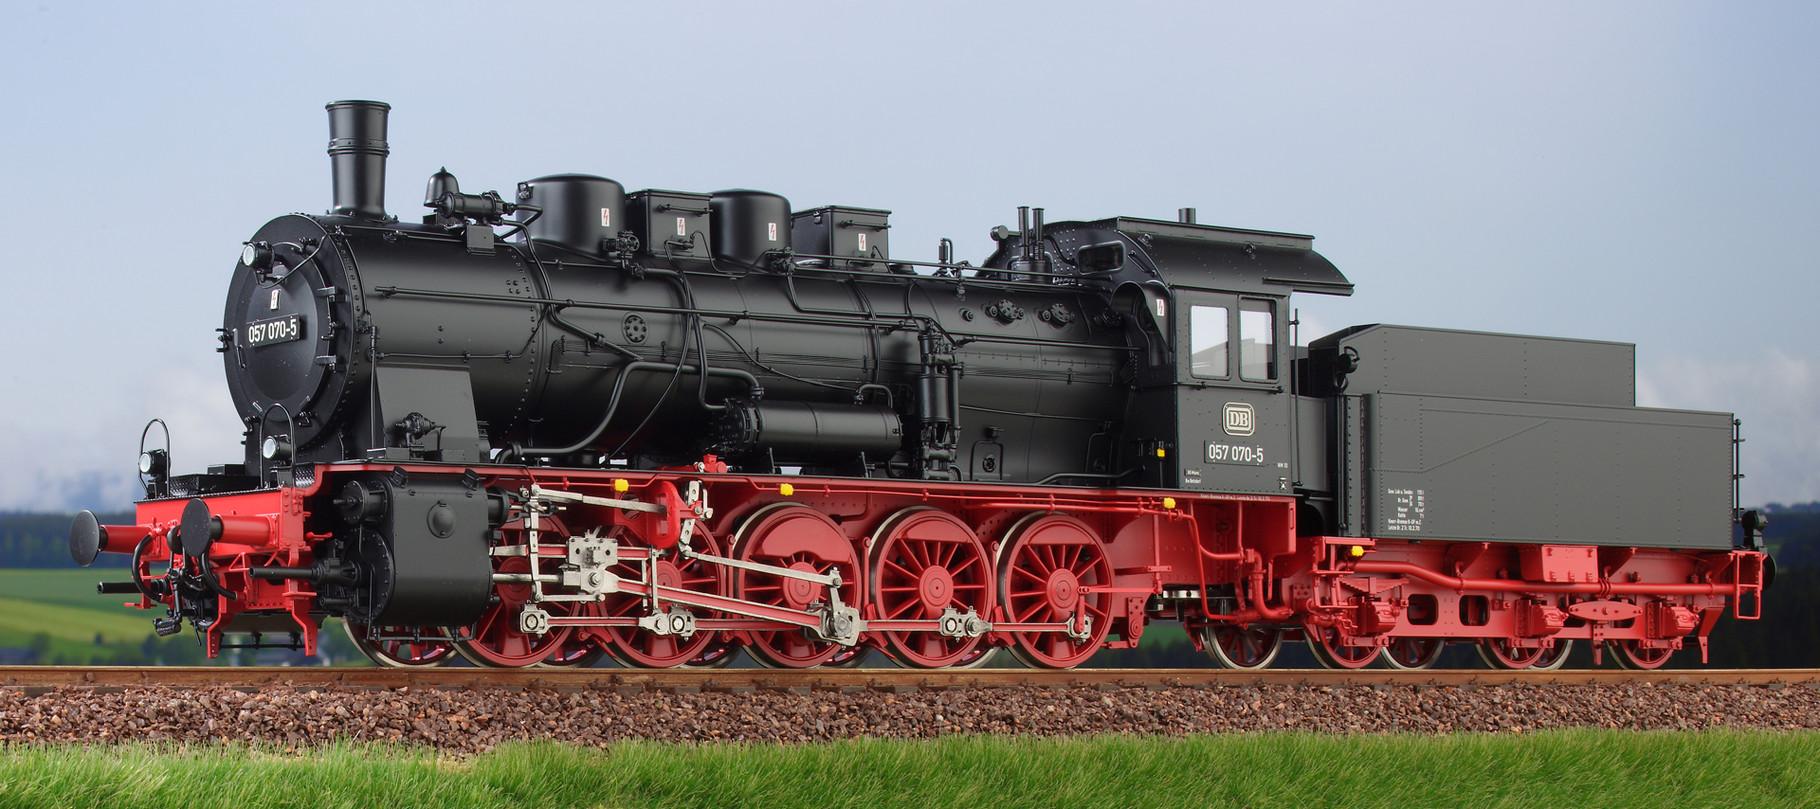 Spur 0 Baureihe 57.10 preussische G10 Lokomotive Nr. 057 070-5 Epoche IV